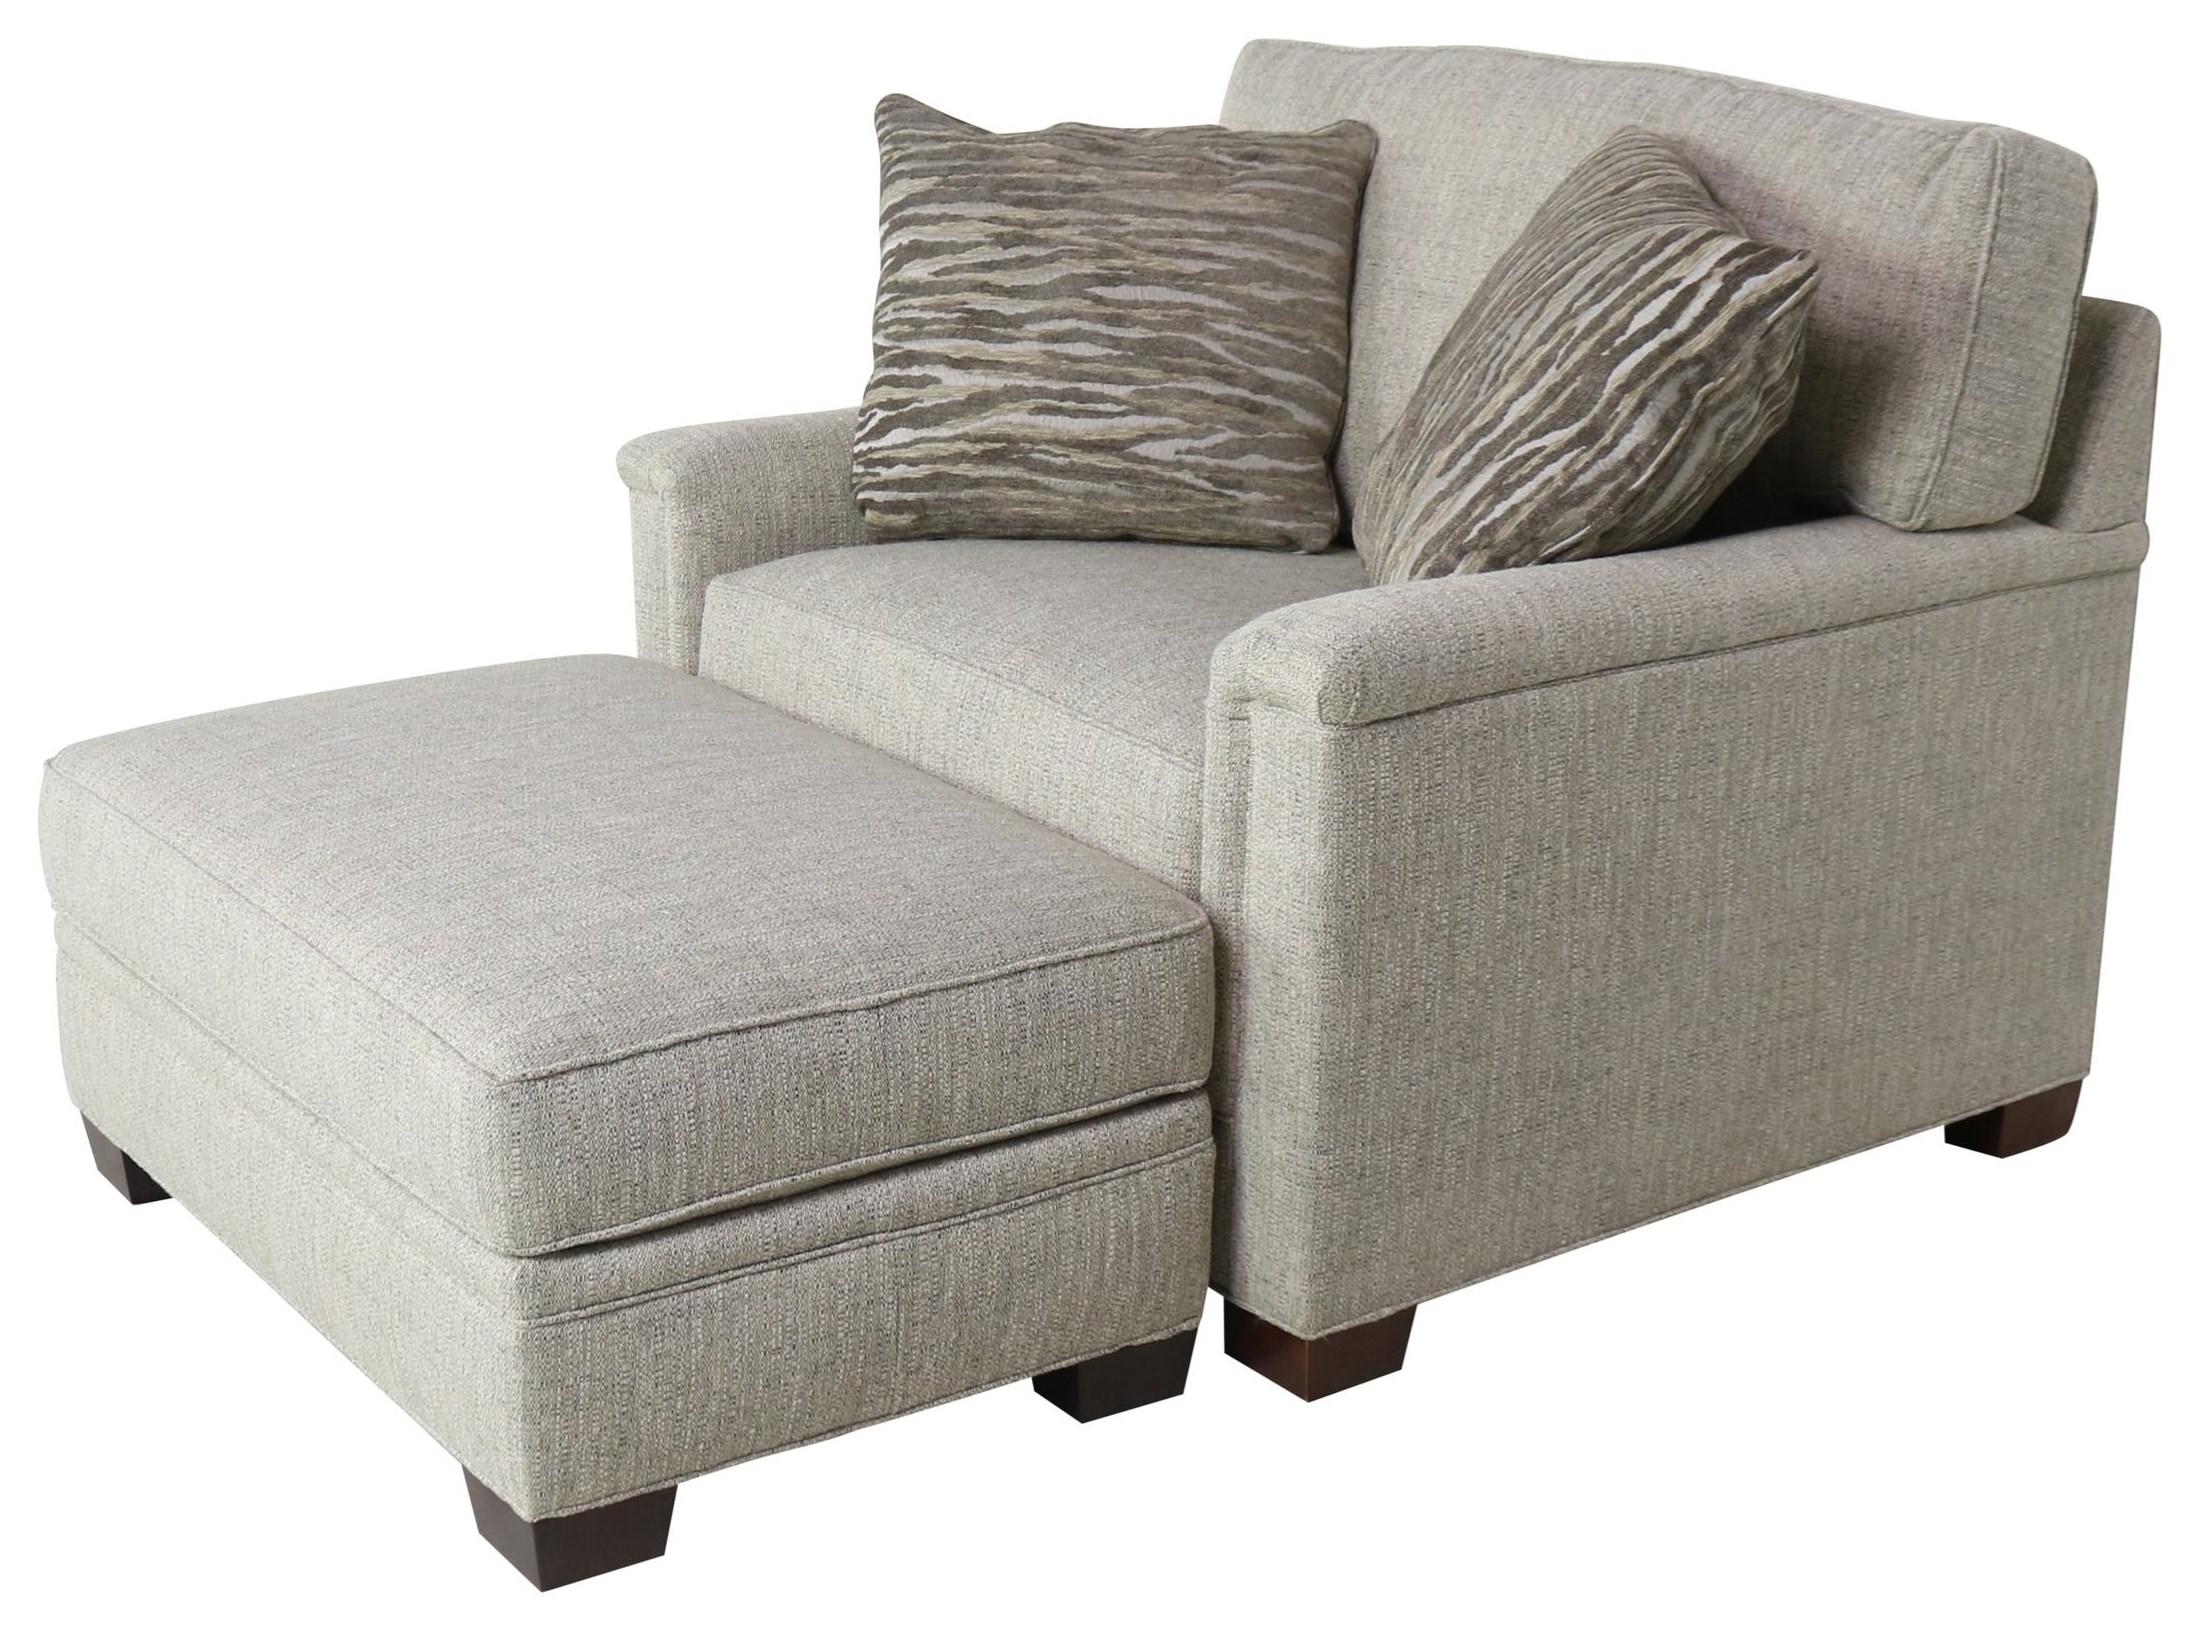 2062 Chair by Geoffrey Alexander at Sprintz Furniture